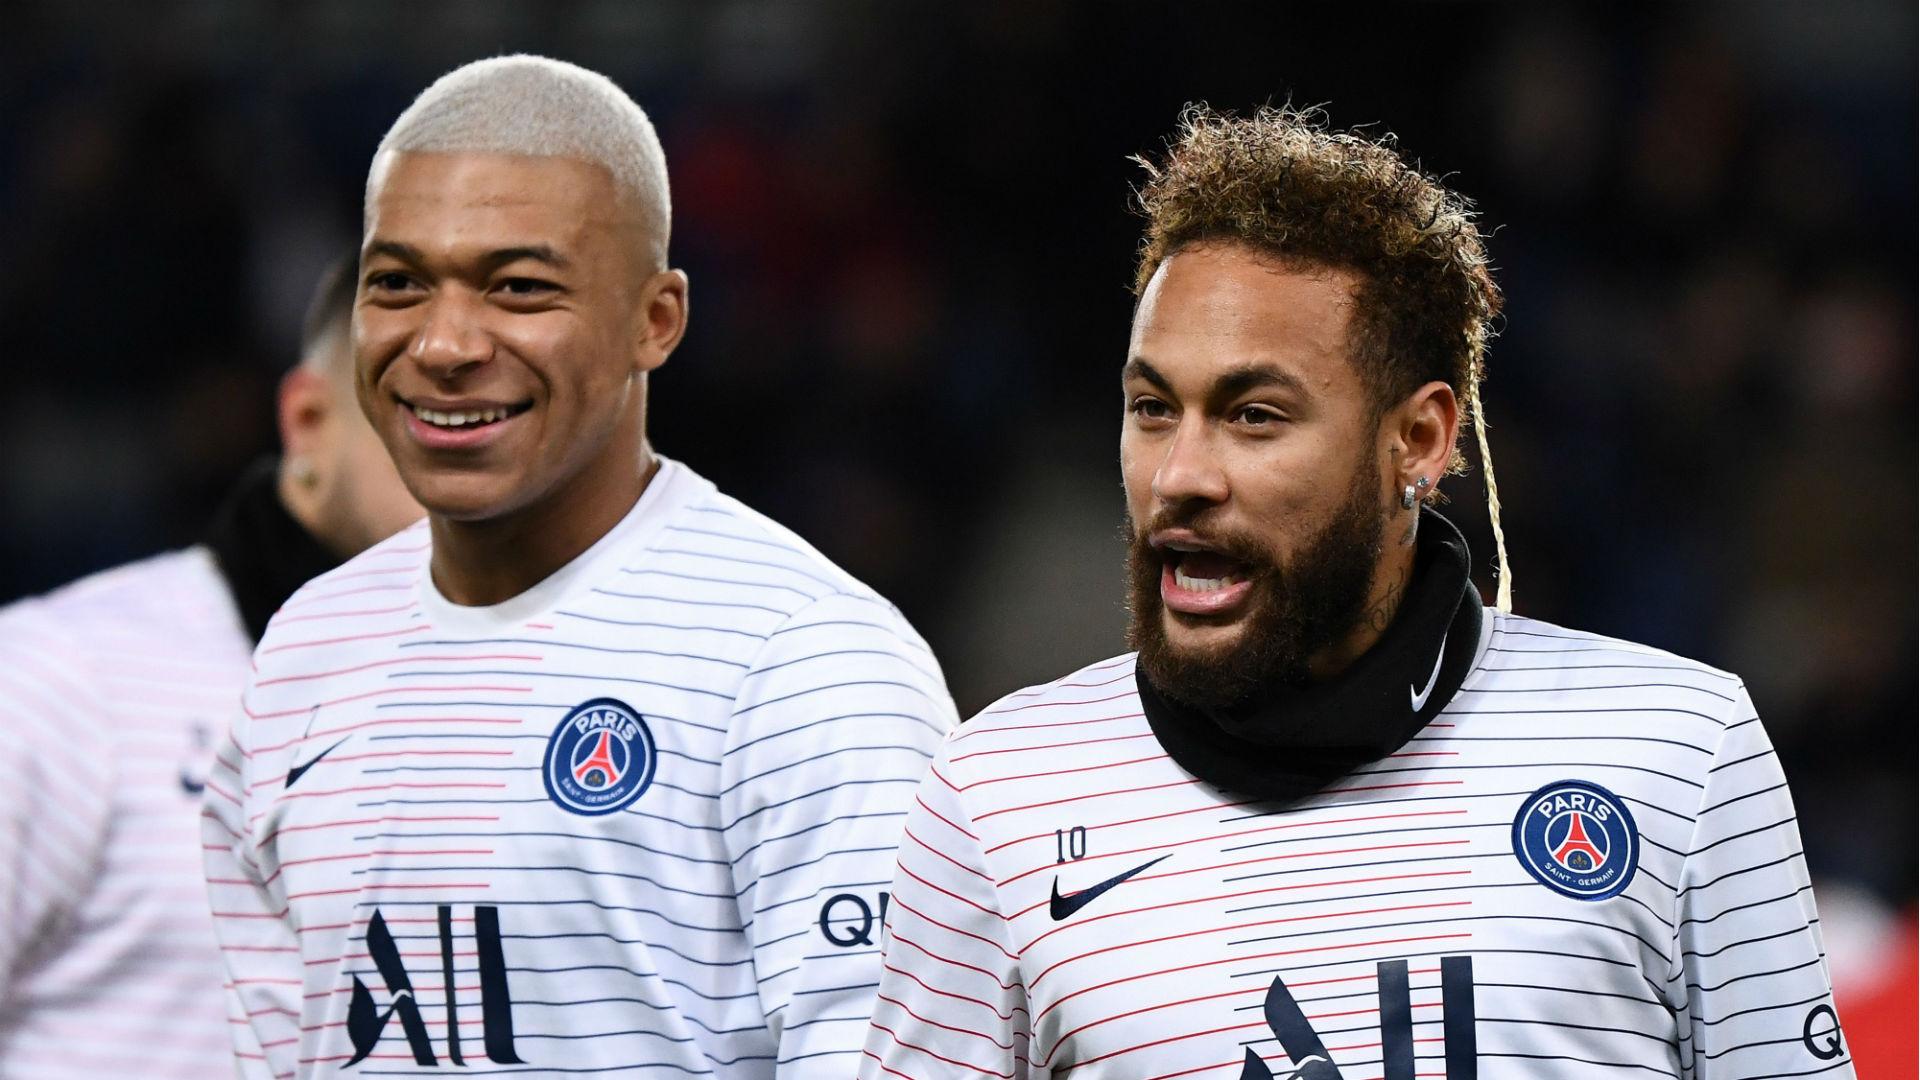 Mbappe not looking to oust Neymar as Paris Saint-Germain's star man